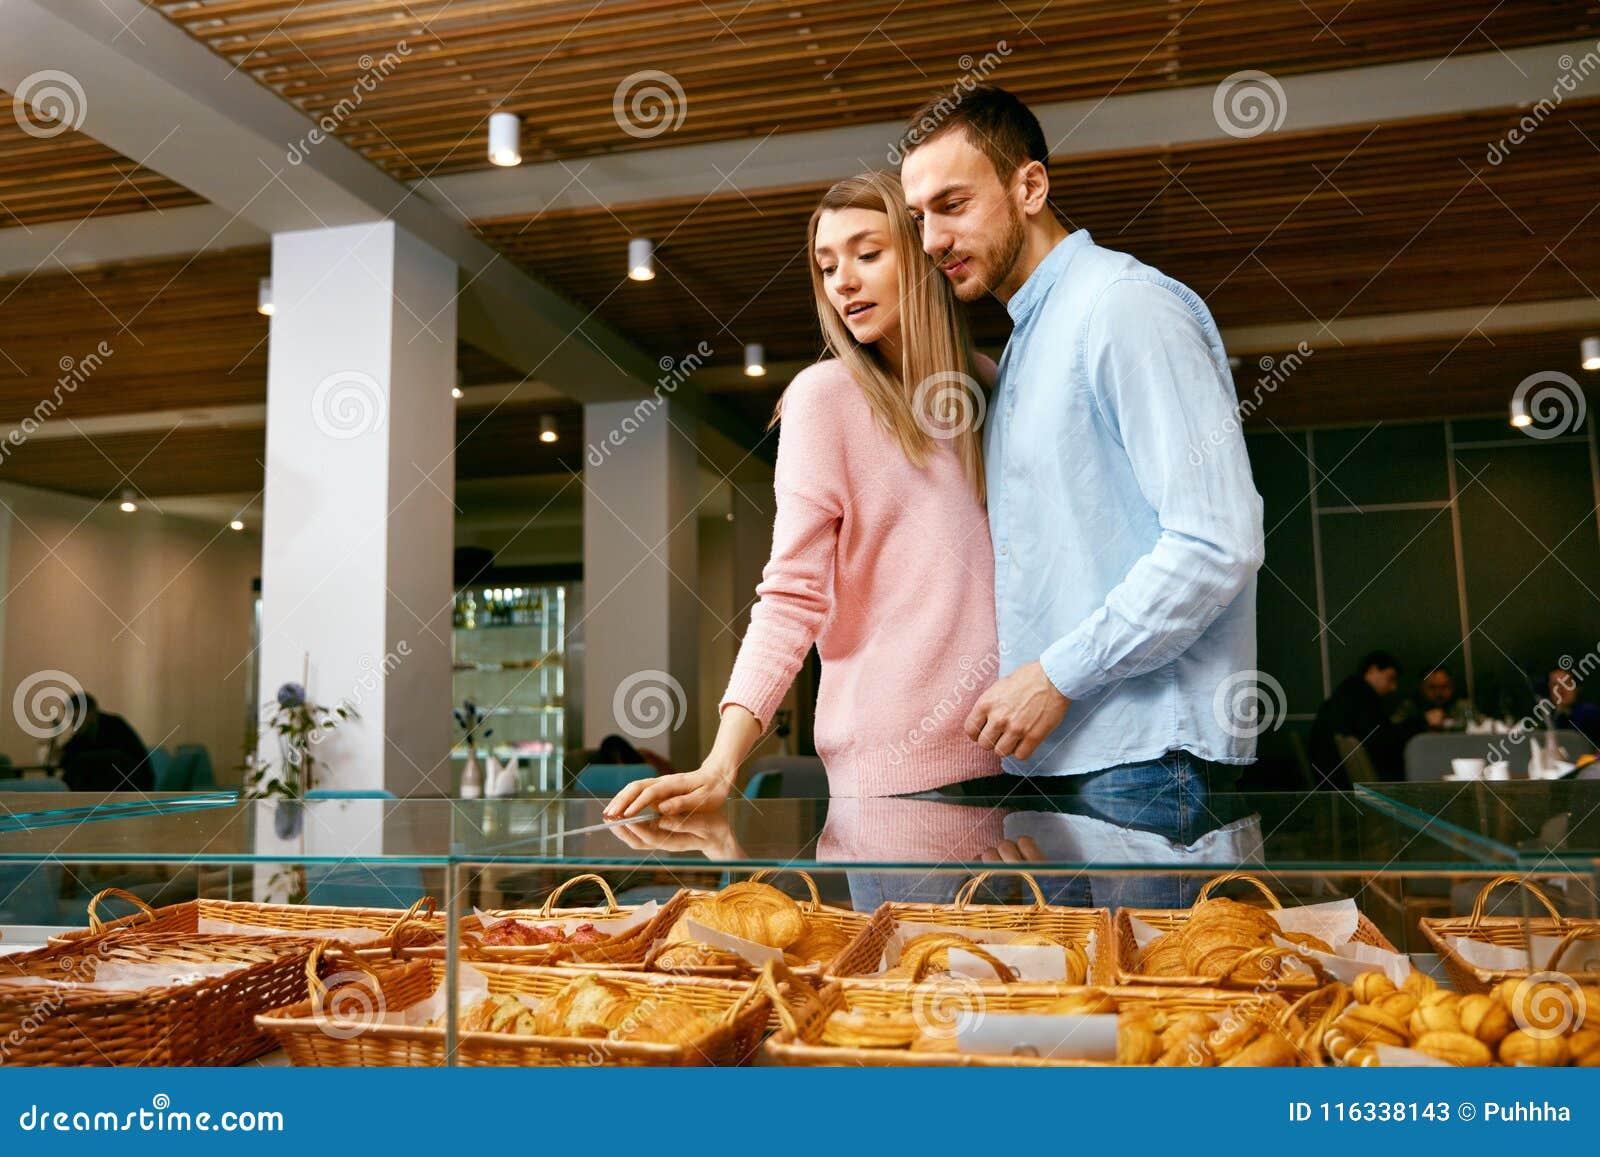 Bakersfield Человек и женщина в магазине печенья